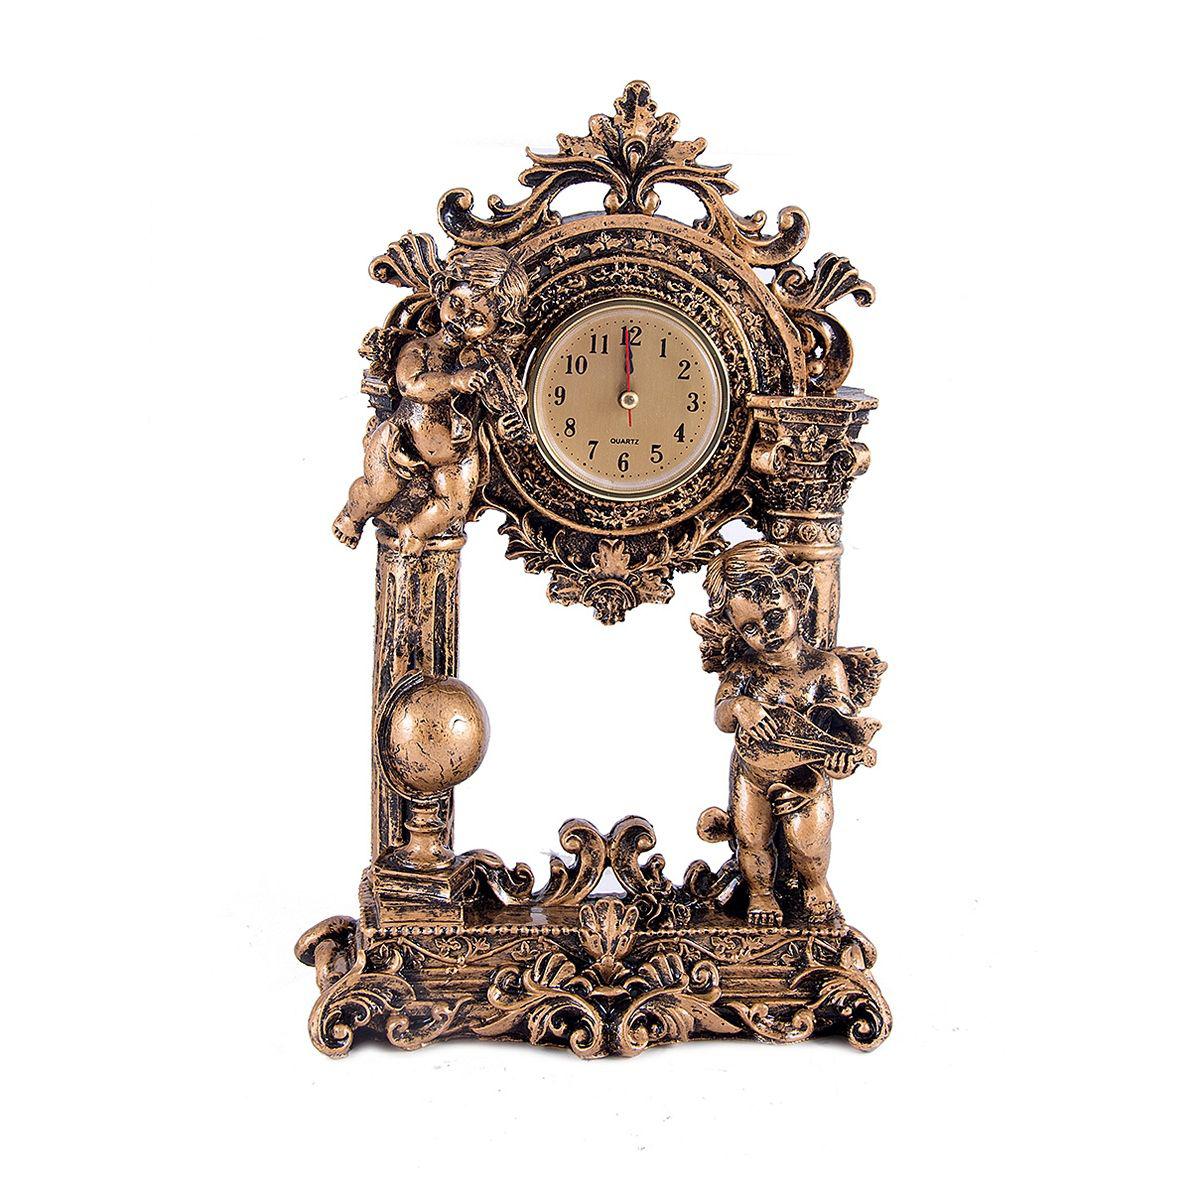 Часы настольные Русские Подарки Ангелочки, 30 х 18 см. 5942159421Настольные кварцевые часы Русские Подарки Ангелочки изготовлены из полистоуна. Часы имеют три стрелки - часовую, минутную и секундную. Изящные часы красиво и оригинально оформят интерьер дома или рабочий стол в офисе. Также часы могут стать уникальным, полезным подарком для родственников, коллег, знакомых и близких. Часы работают от батареек типа АА (в комплект не входят).